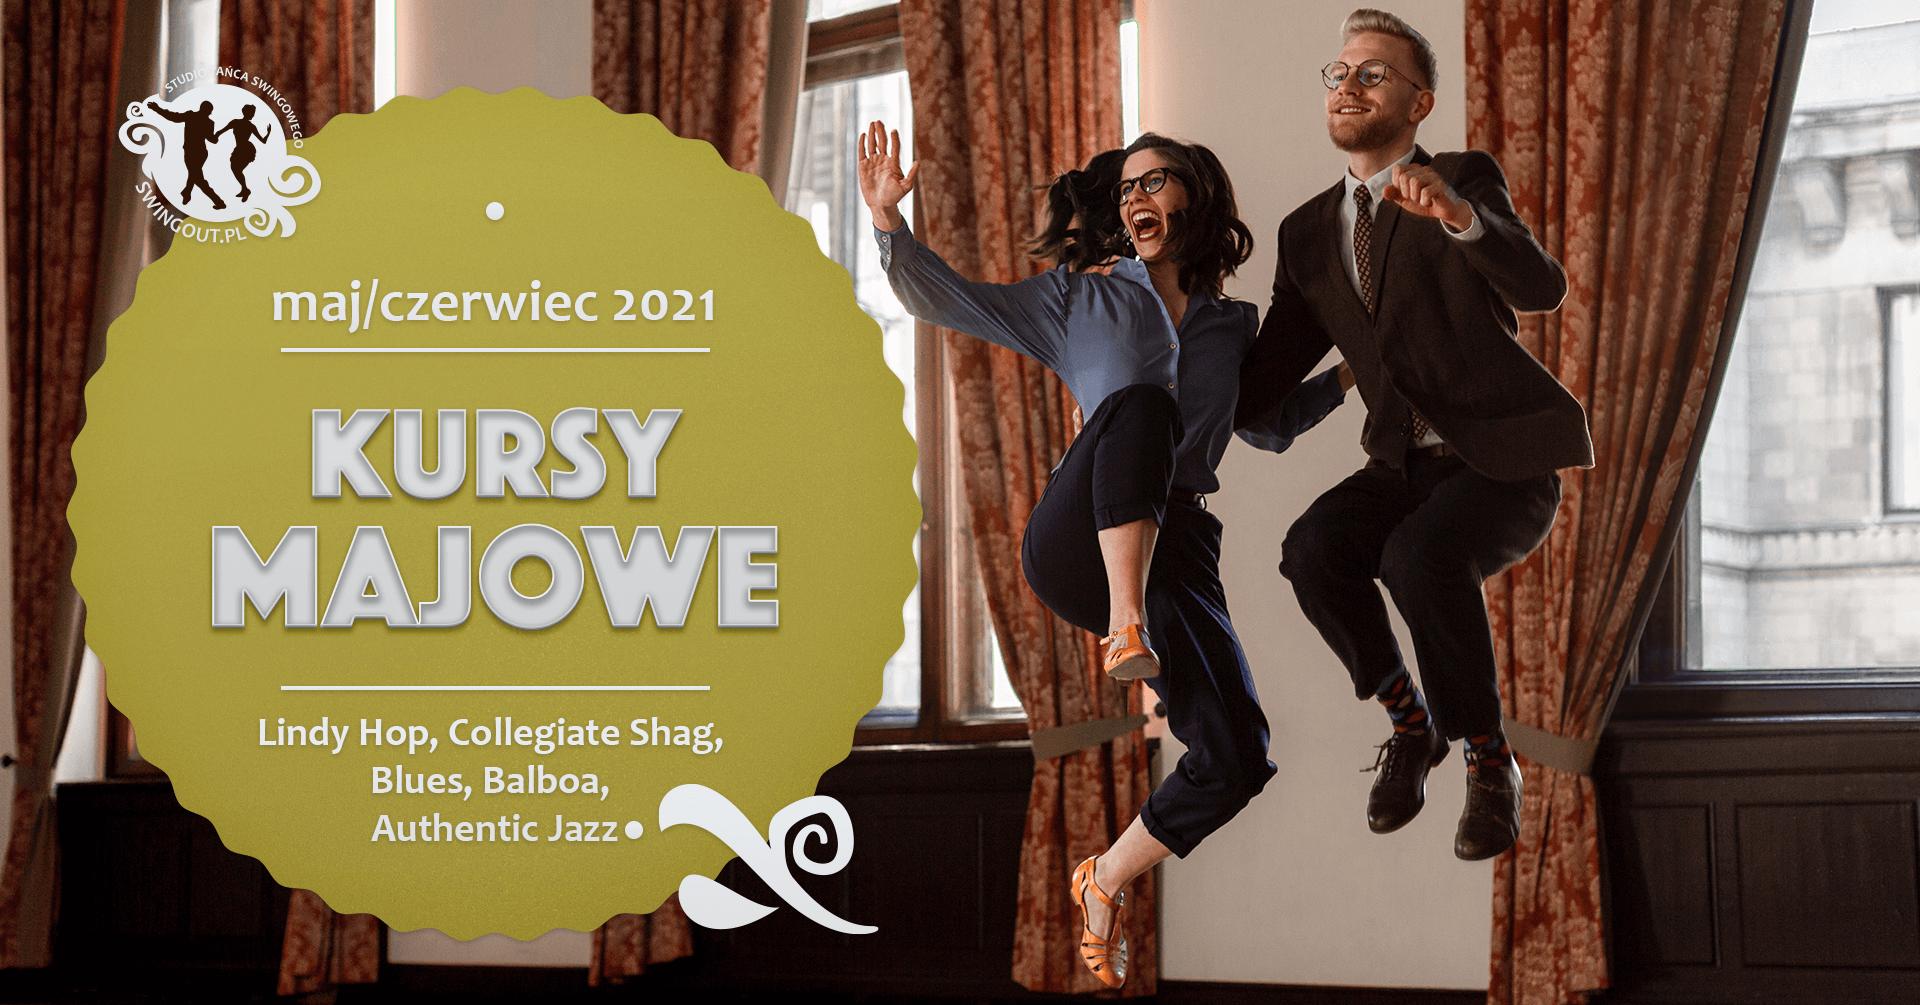 Tańcząca para w wyskoku - Lindy Hop w Warszawie